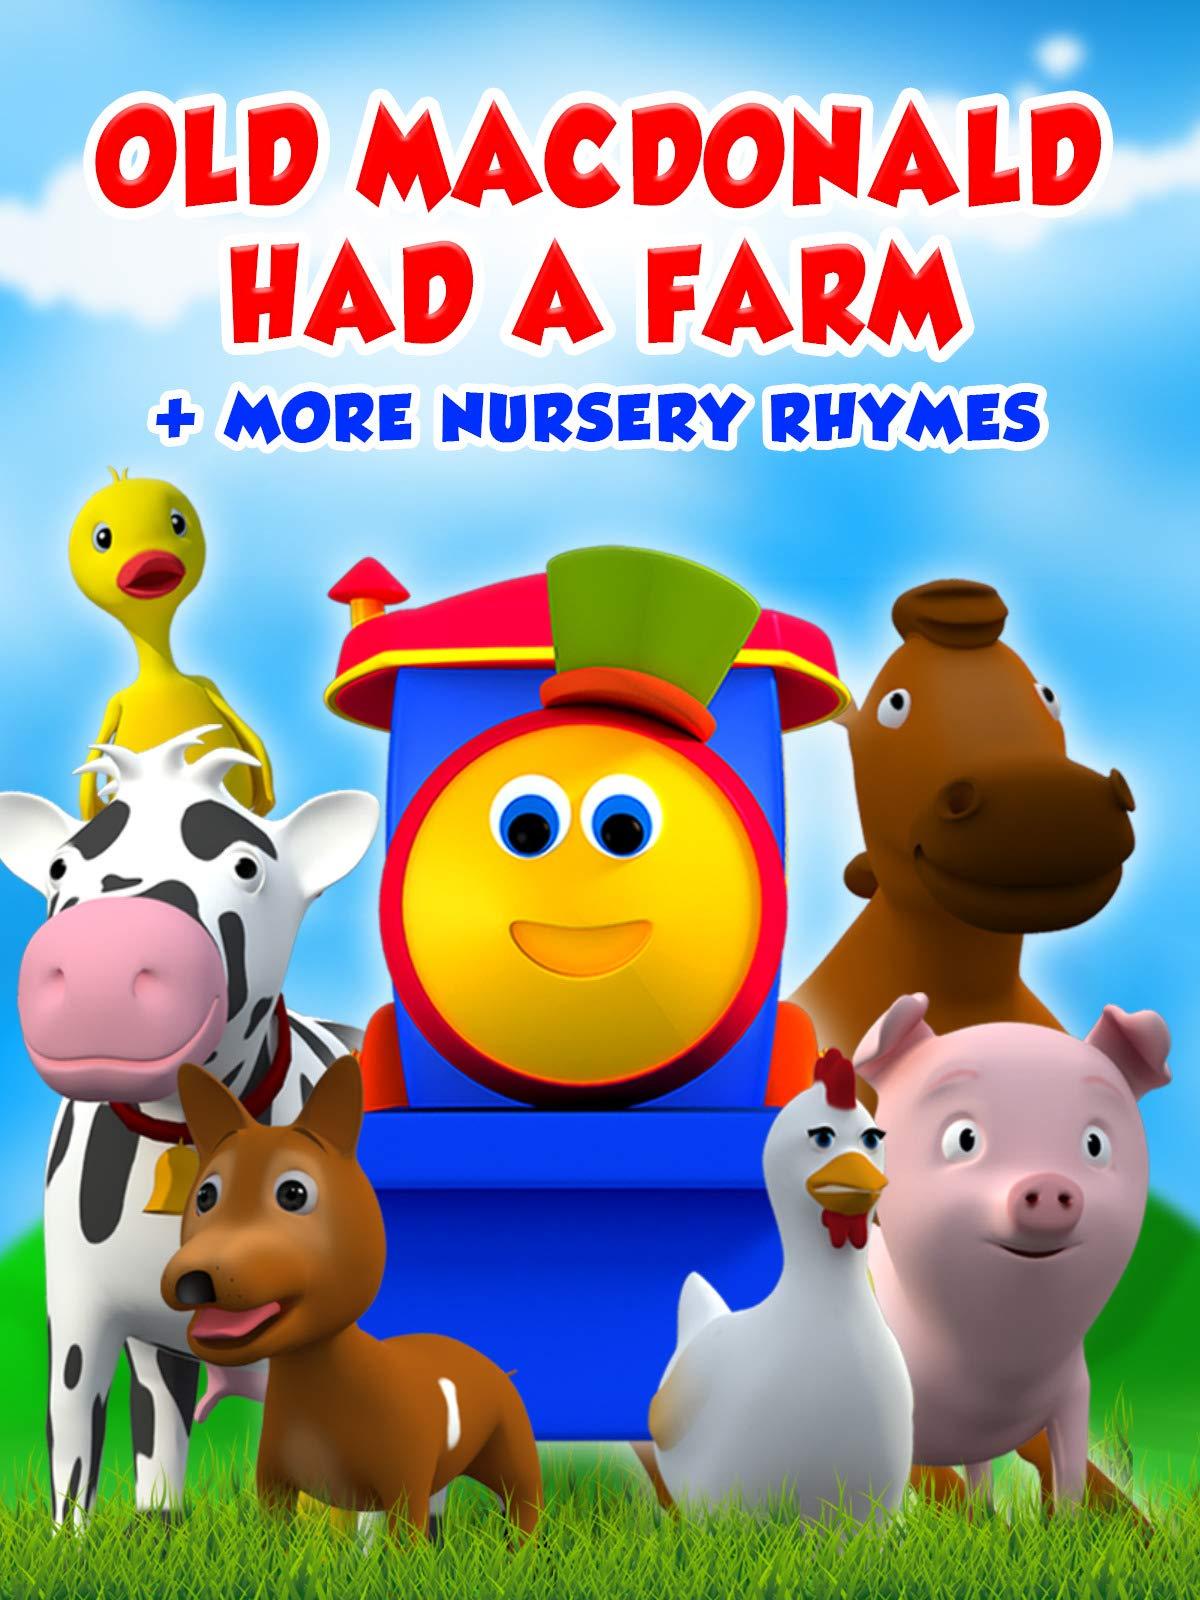 Old Macdonald Had a Farm + More Nursery Rhymes